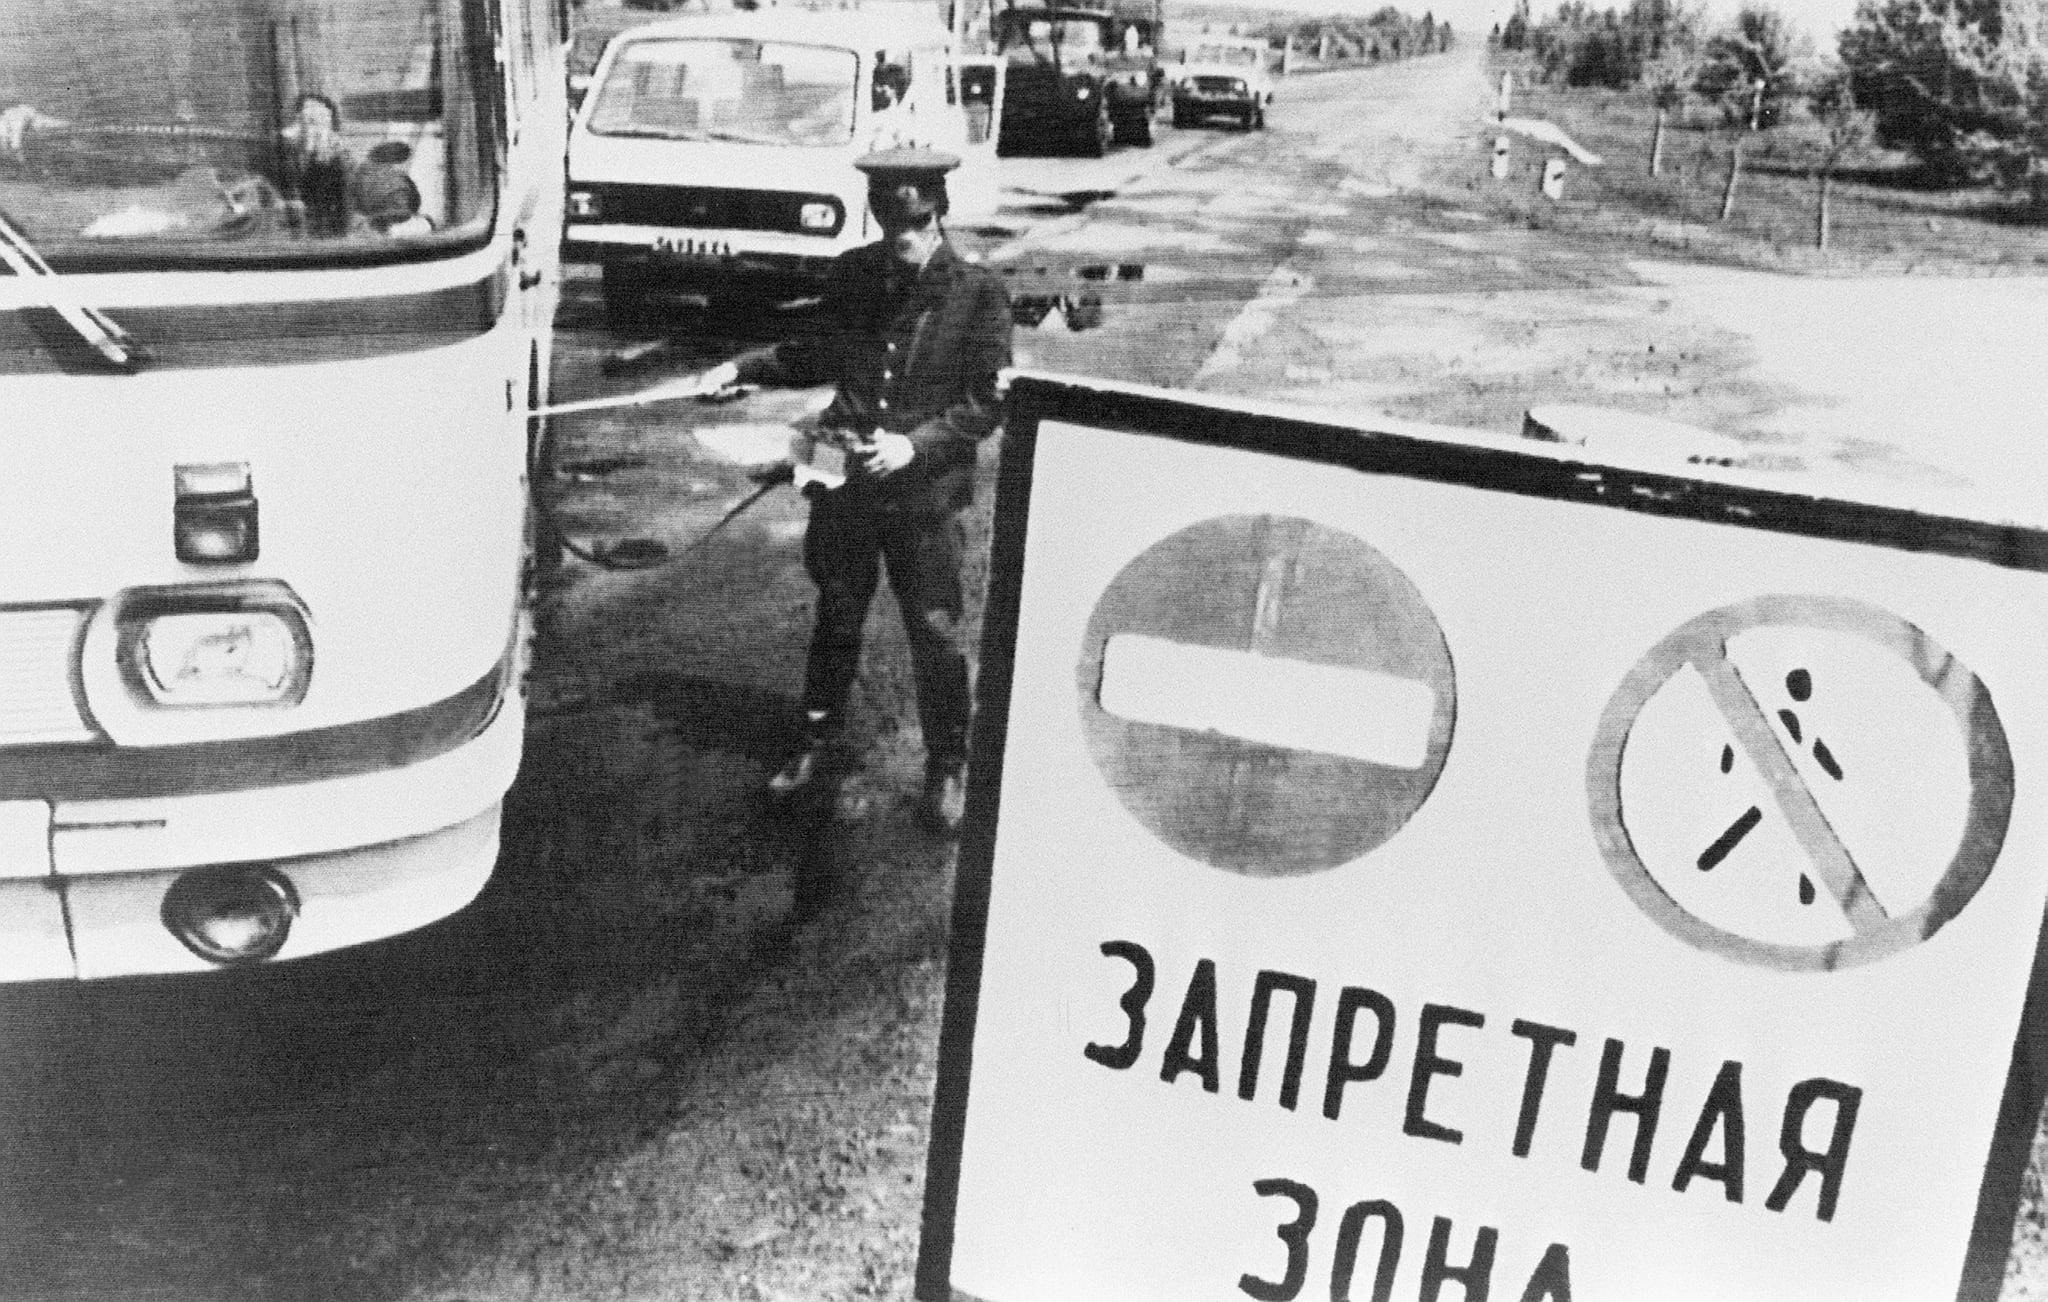 un policier contrôle, le 10 mai 1986, le niveau de radioactivité de véhicules quittant la zone interdite de 30 km autour de la centrale nucléaire de Tchernobyl, quelques jours après l'explosion du réacteur No 4 de l'installation, le 26 avril 1986, le plus grave accident nucléaire du XX siècle.A policeman checks the level of radioactivity on vehicles leaving the 30 km forbidden area around Chernobyl after the nuclear plant No. 4 reactor's blast, 26 April 1986, the world's worst nuclear accident of the 20th century. (Photo credit should read STF/AFP/Getty Images)